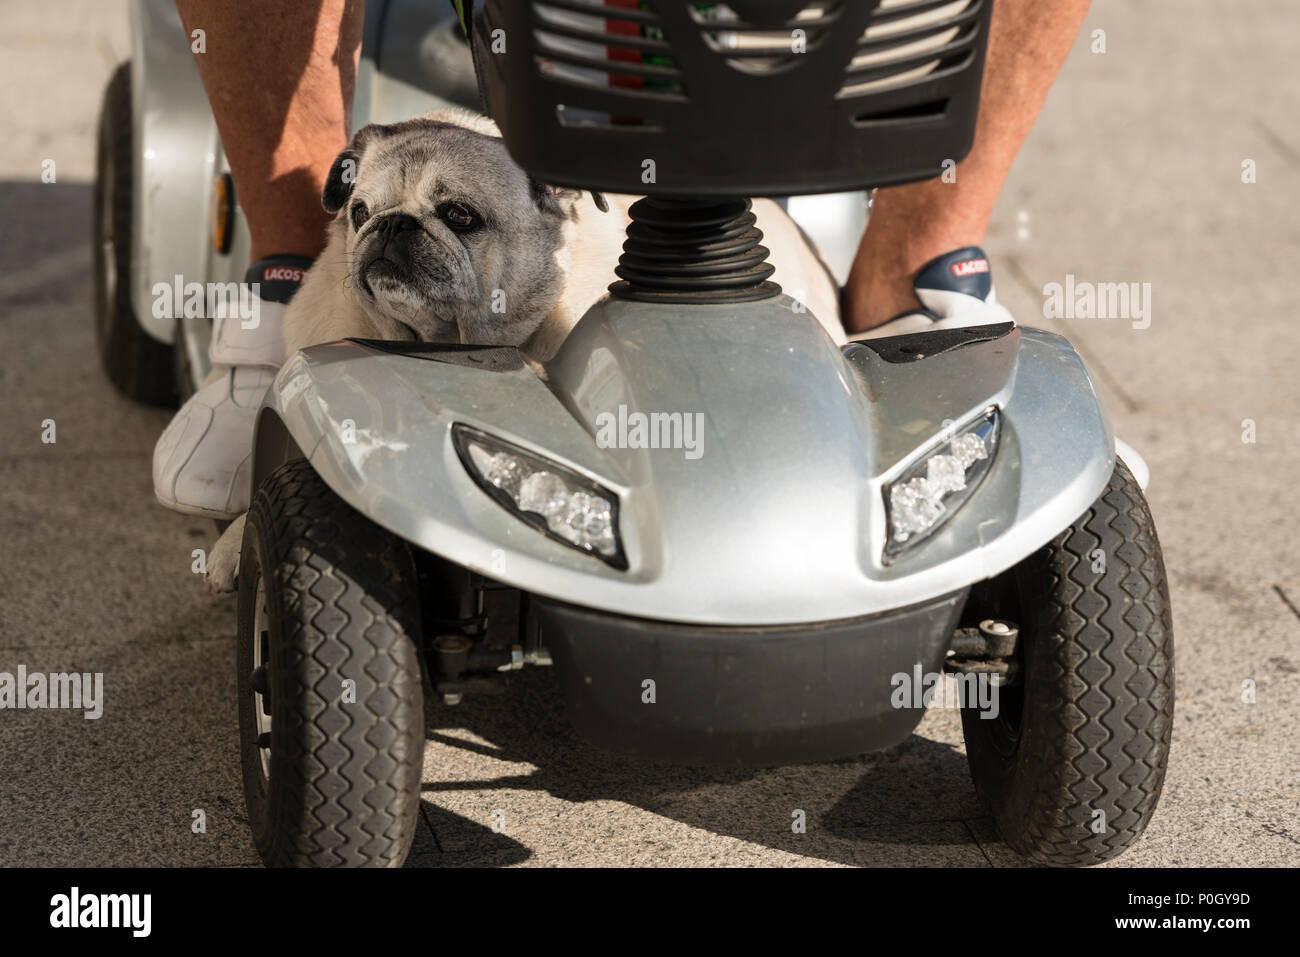 Son une vie de chien! Un chien équestre sur le scooter de mobilité du propriétaire. Le propriétaire, un homme âgé a accepté d'être photographiés. Vigo, Espagne Photo Stock